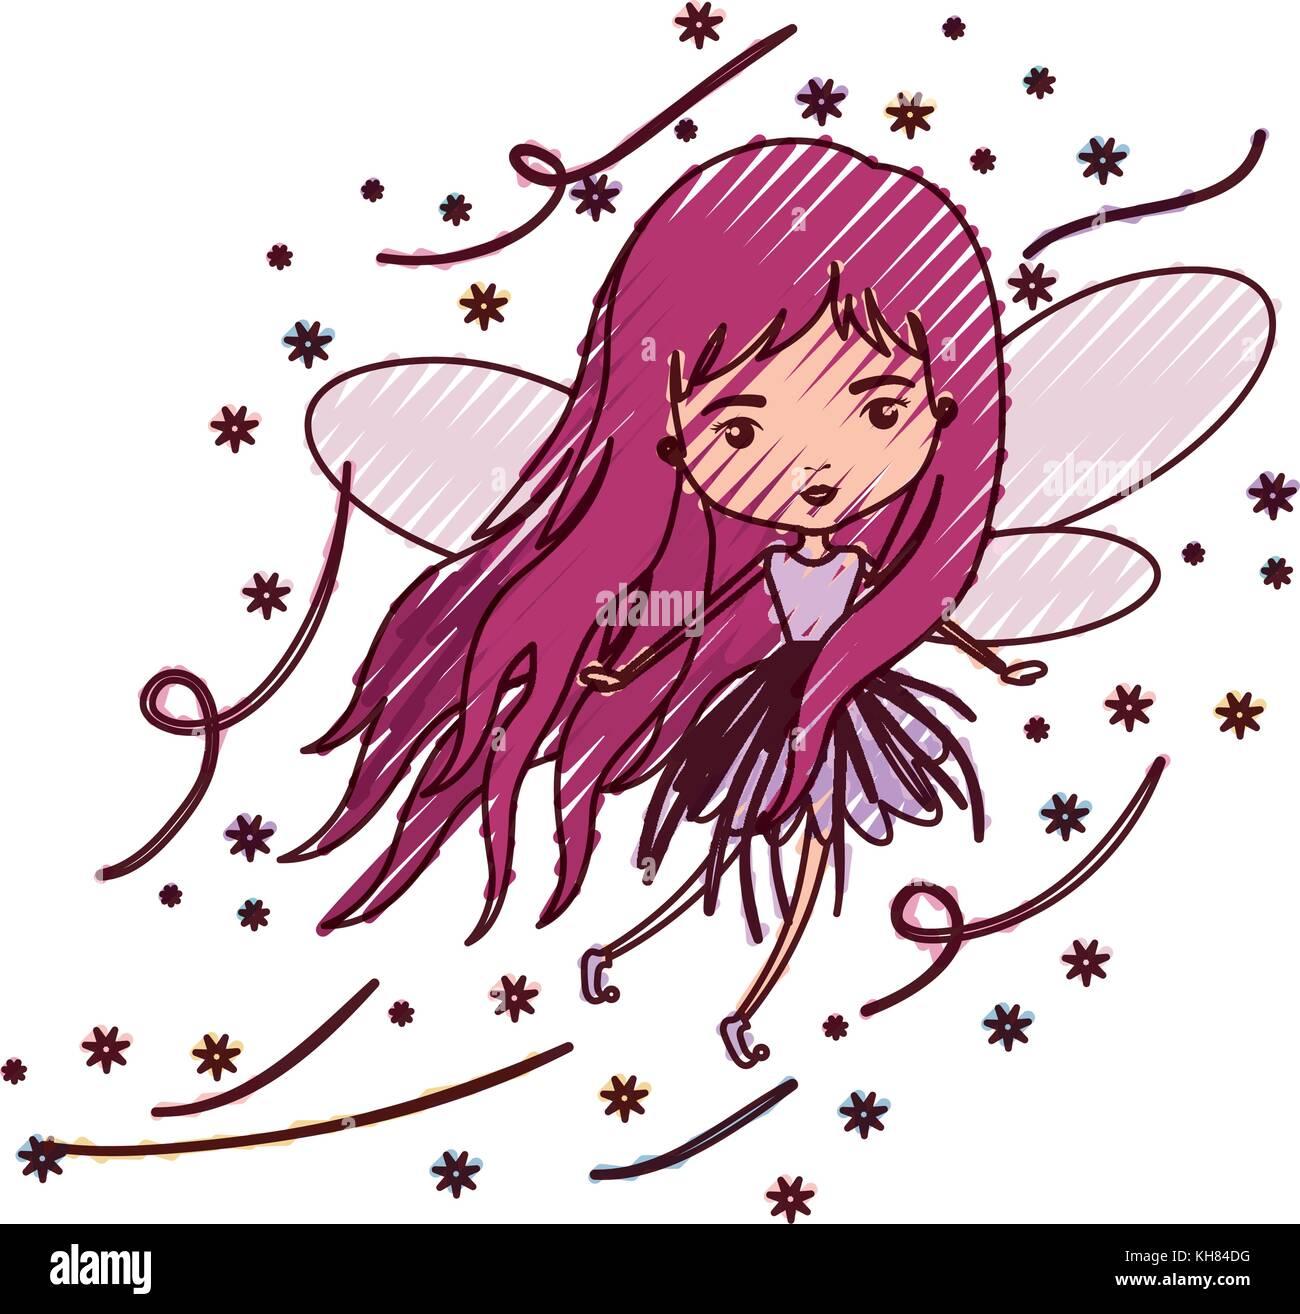 Girly fata volare con le ali e capelli lunghi in matita colorata silhouette Immagini Stock